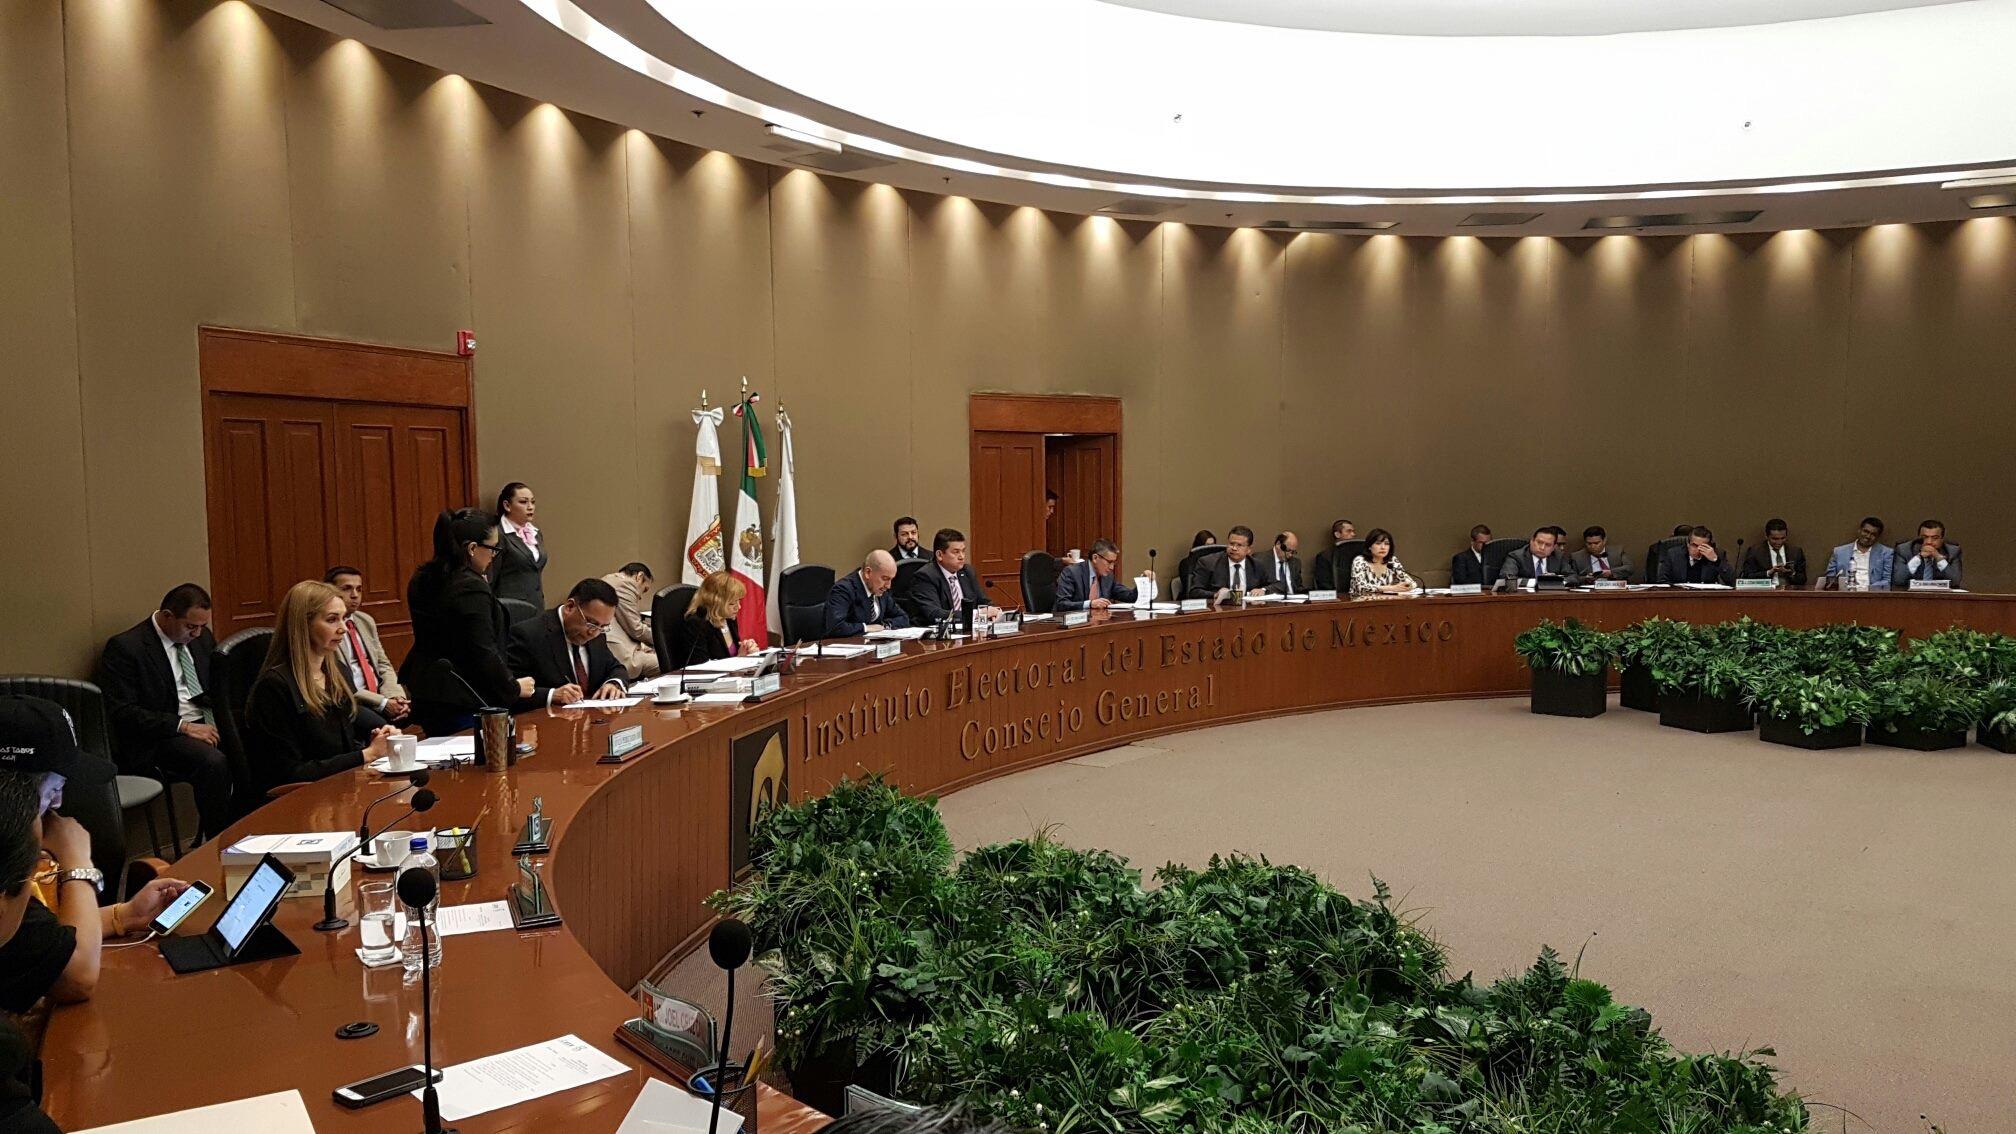 Ahora consejeros del IEEM piden sancionar a Virtud Ciudadana